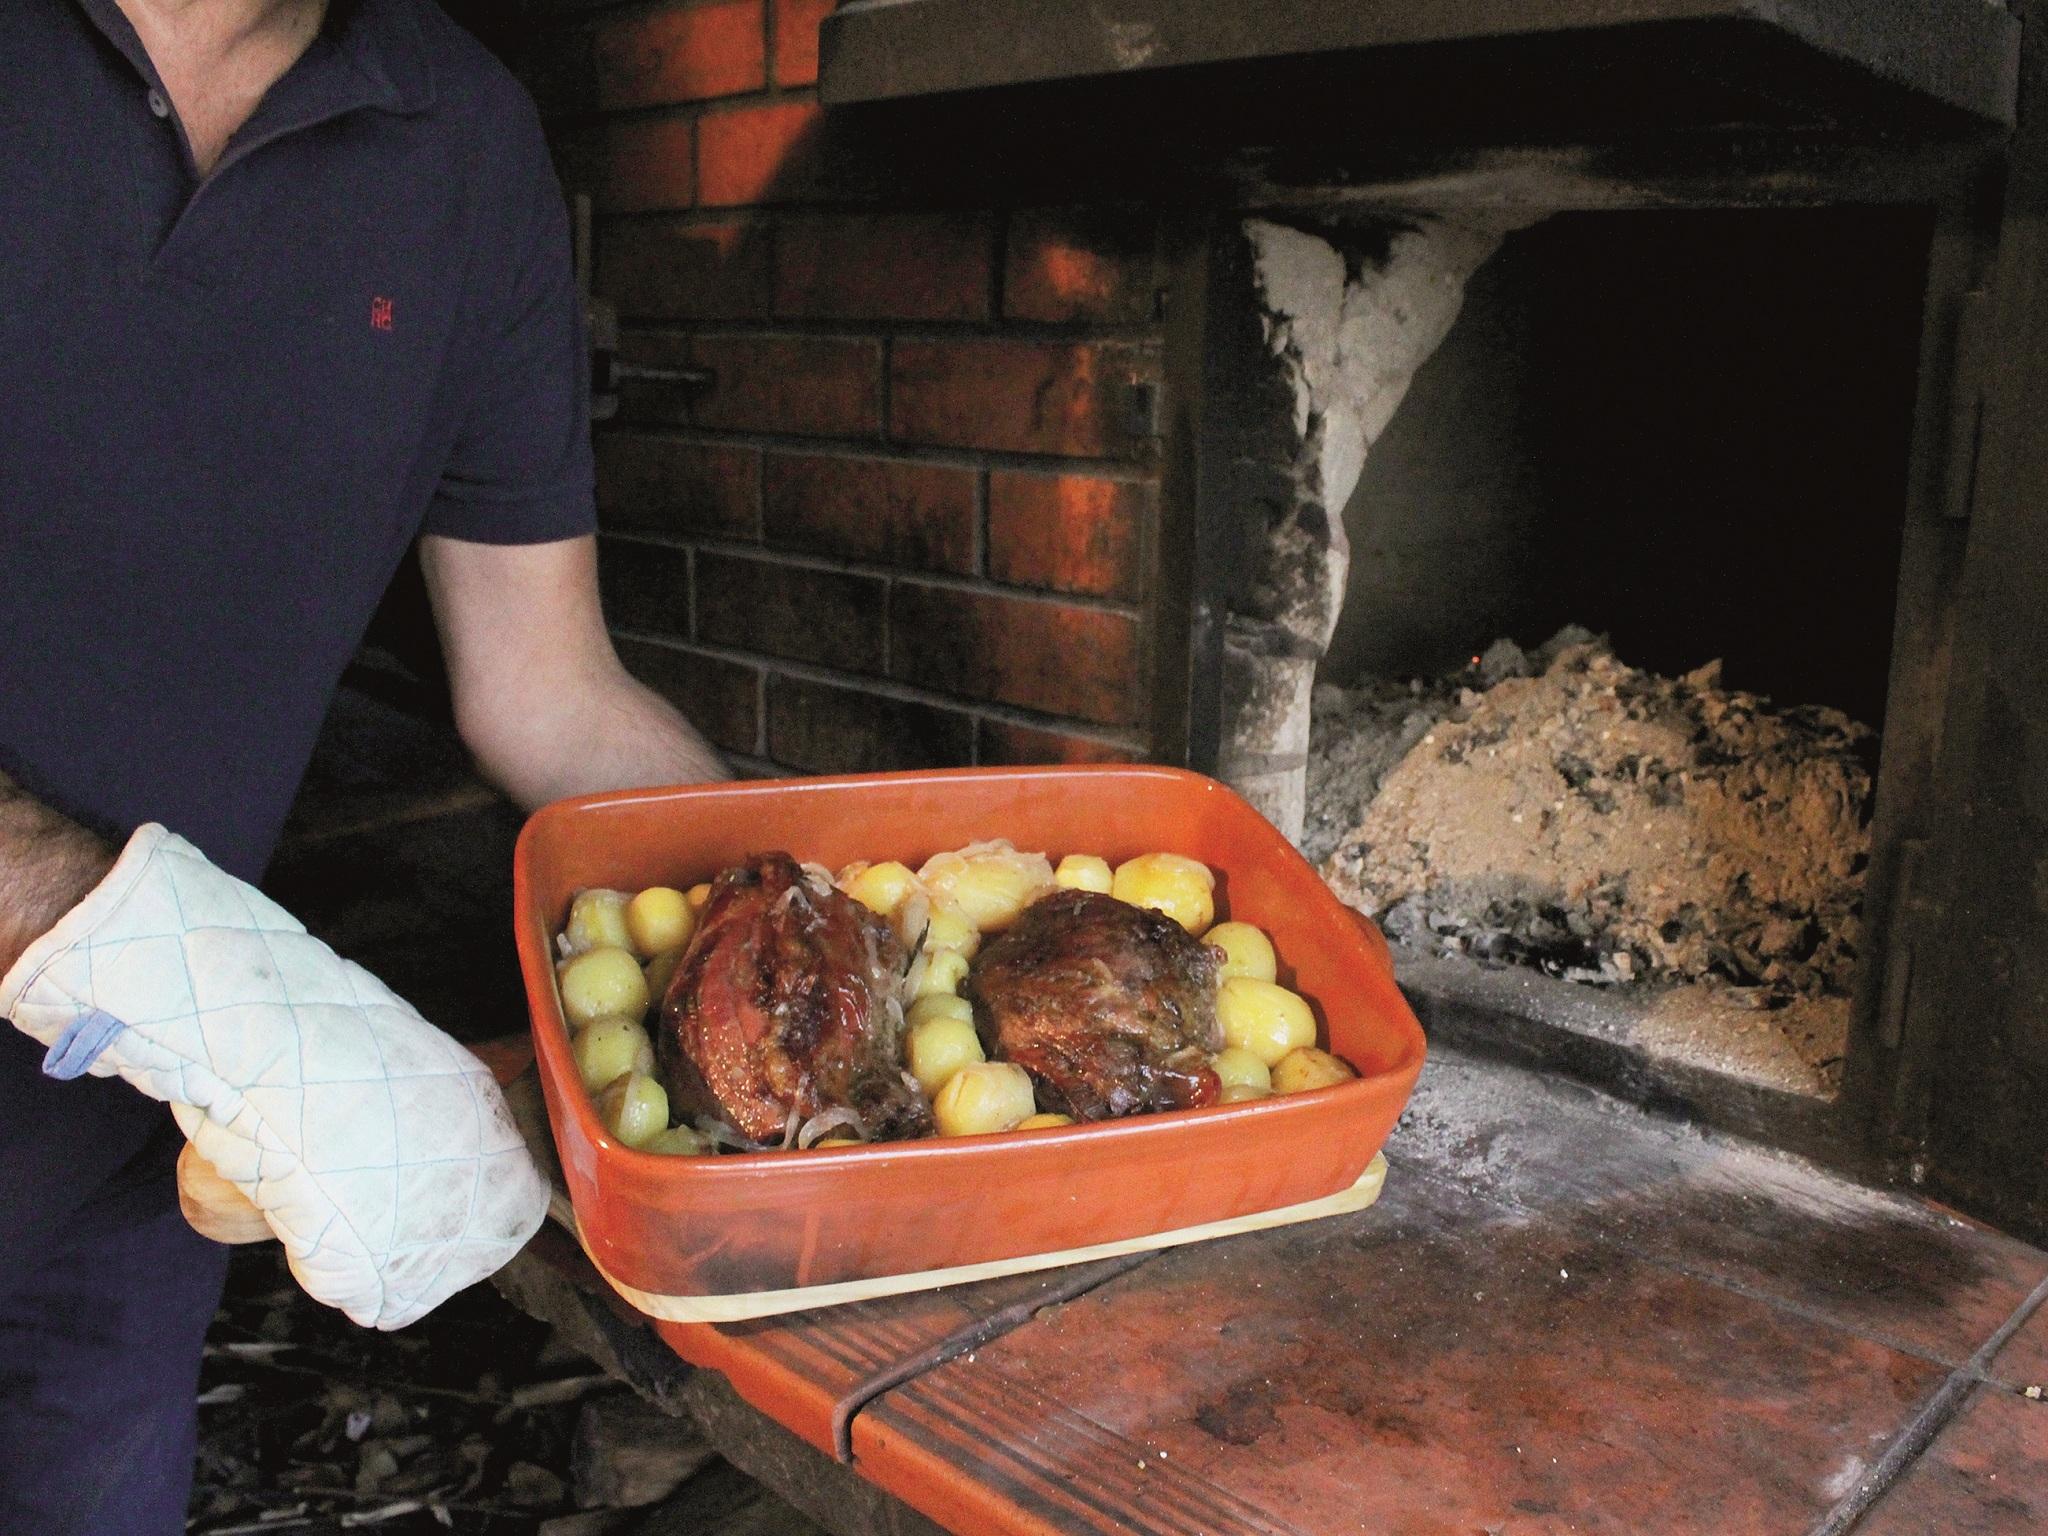 Restaurante, A Cozinha do Manel, Cozinha Tradicional